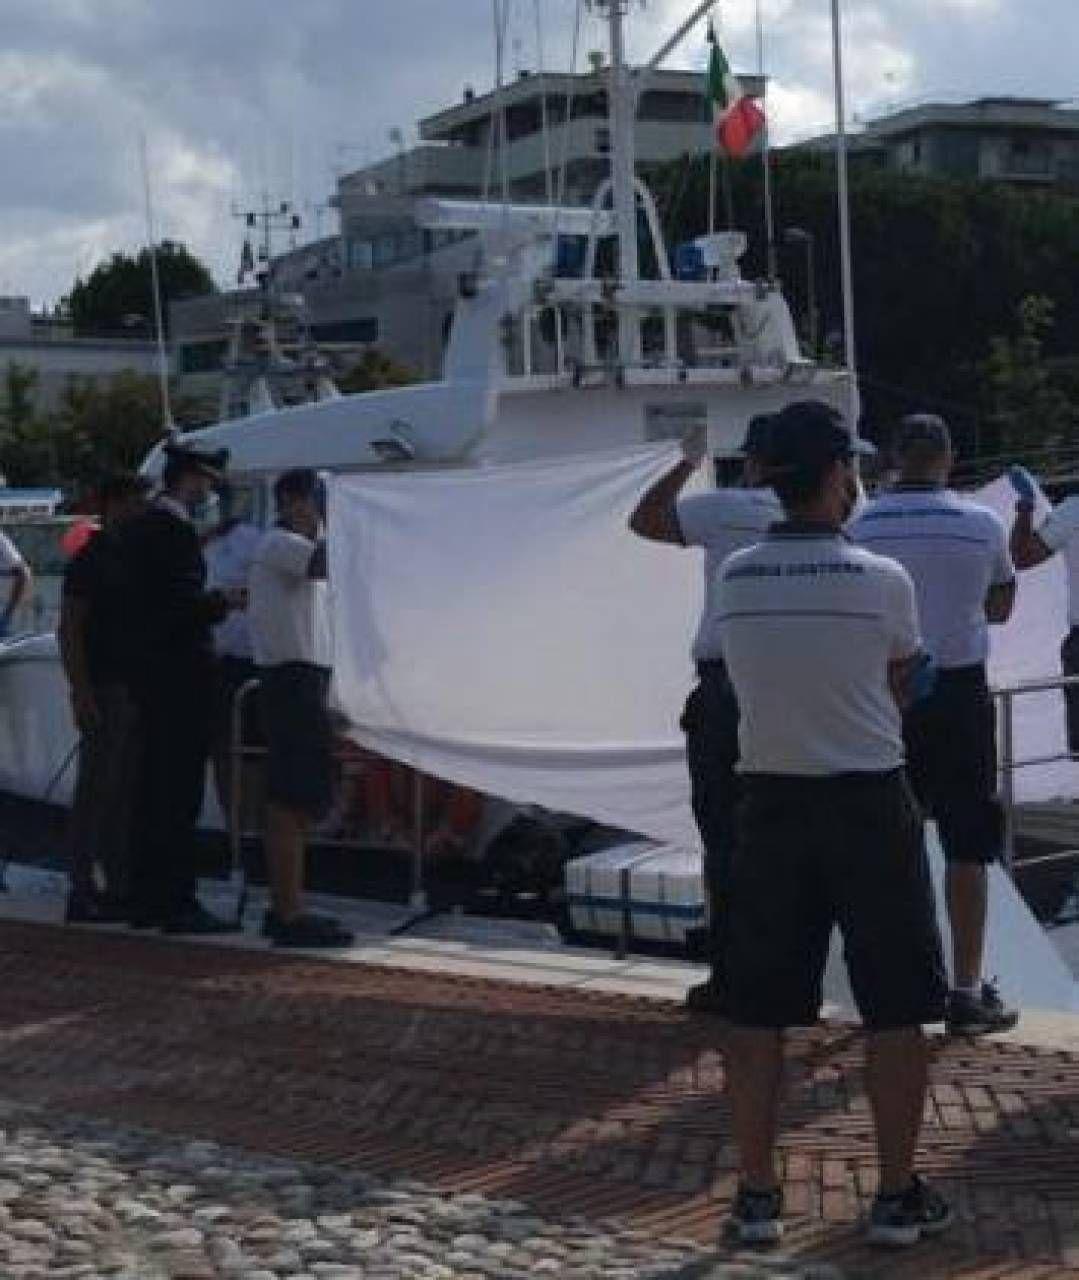 Le operazioni di sbarco della salma della 17enne Merssia Nunes De Oliveira, originaria del Brasile